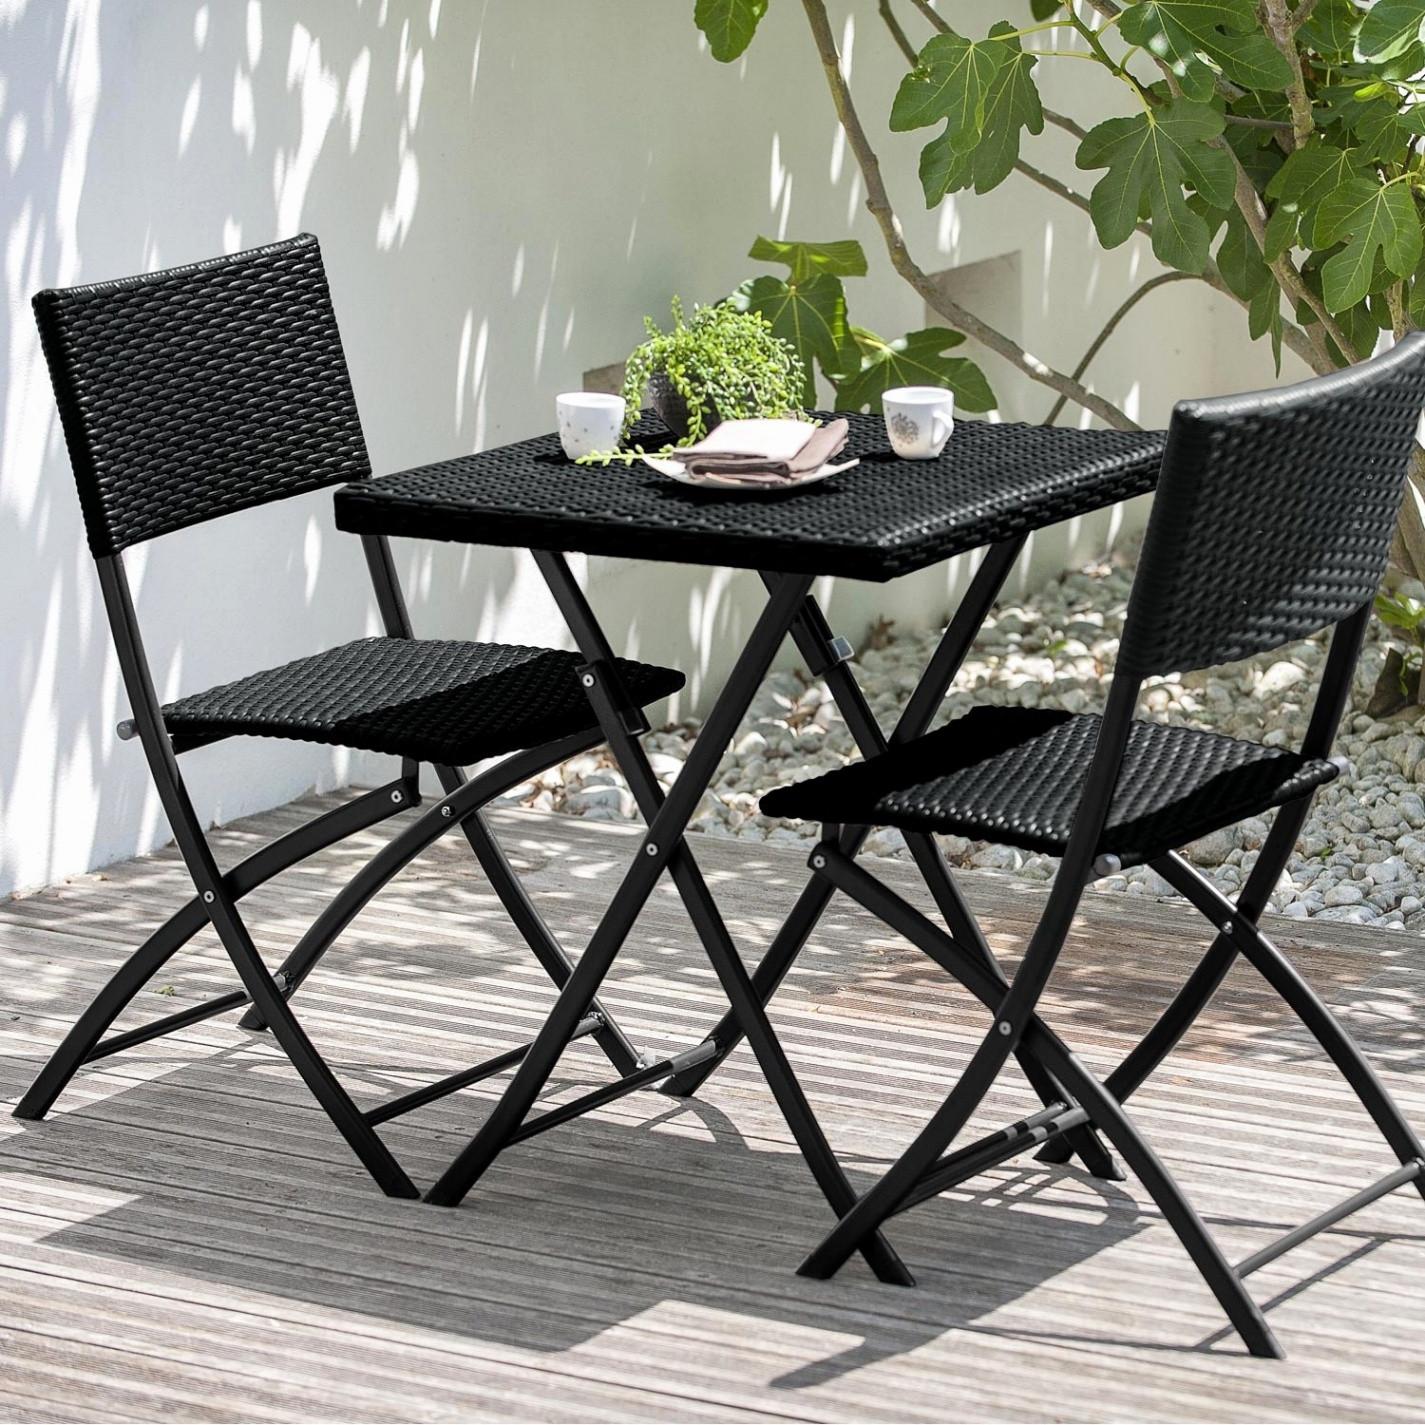 table de jardin plastique blanc fauteuil jardin blanc laguerredesmots of table de jardin plastique blanc